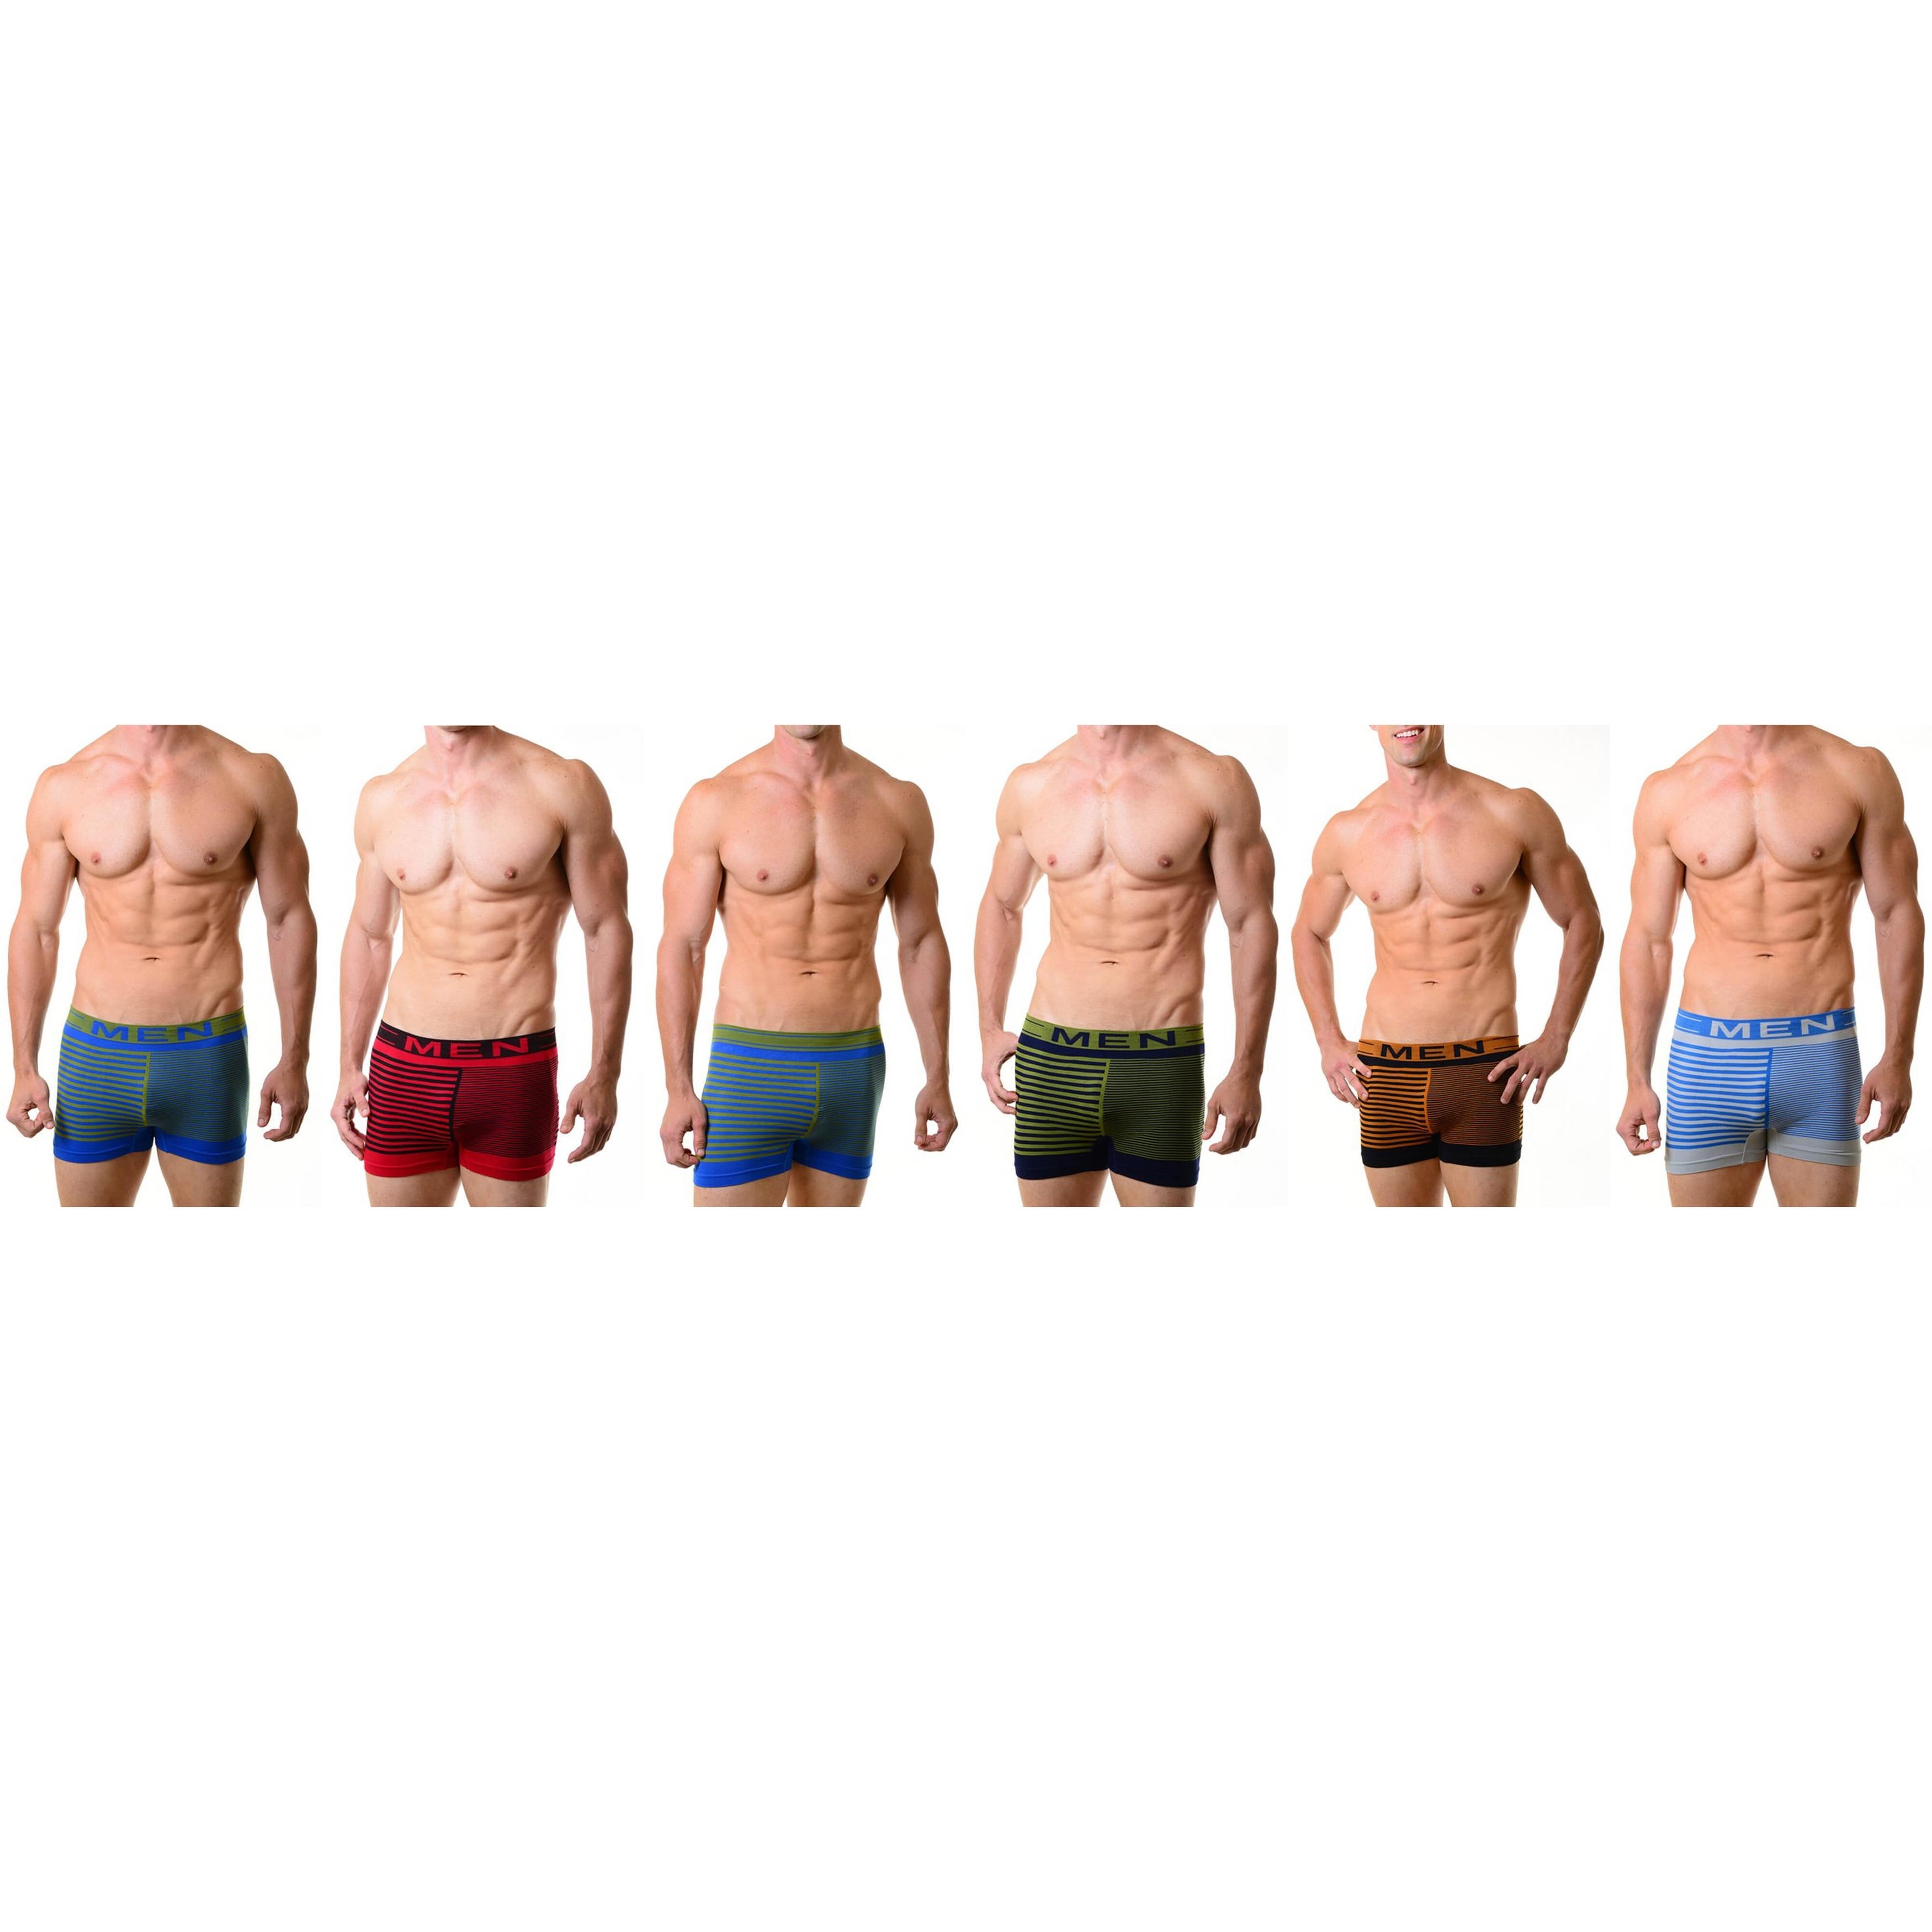 Men/'s Classic Boxer Shorts Trunks Plain Briefs Underwear Sizes M-XXL FG7648